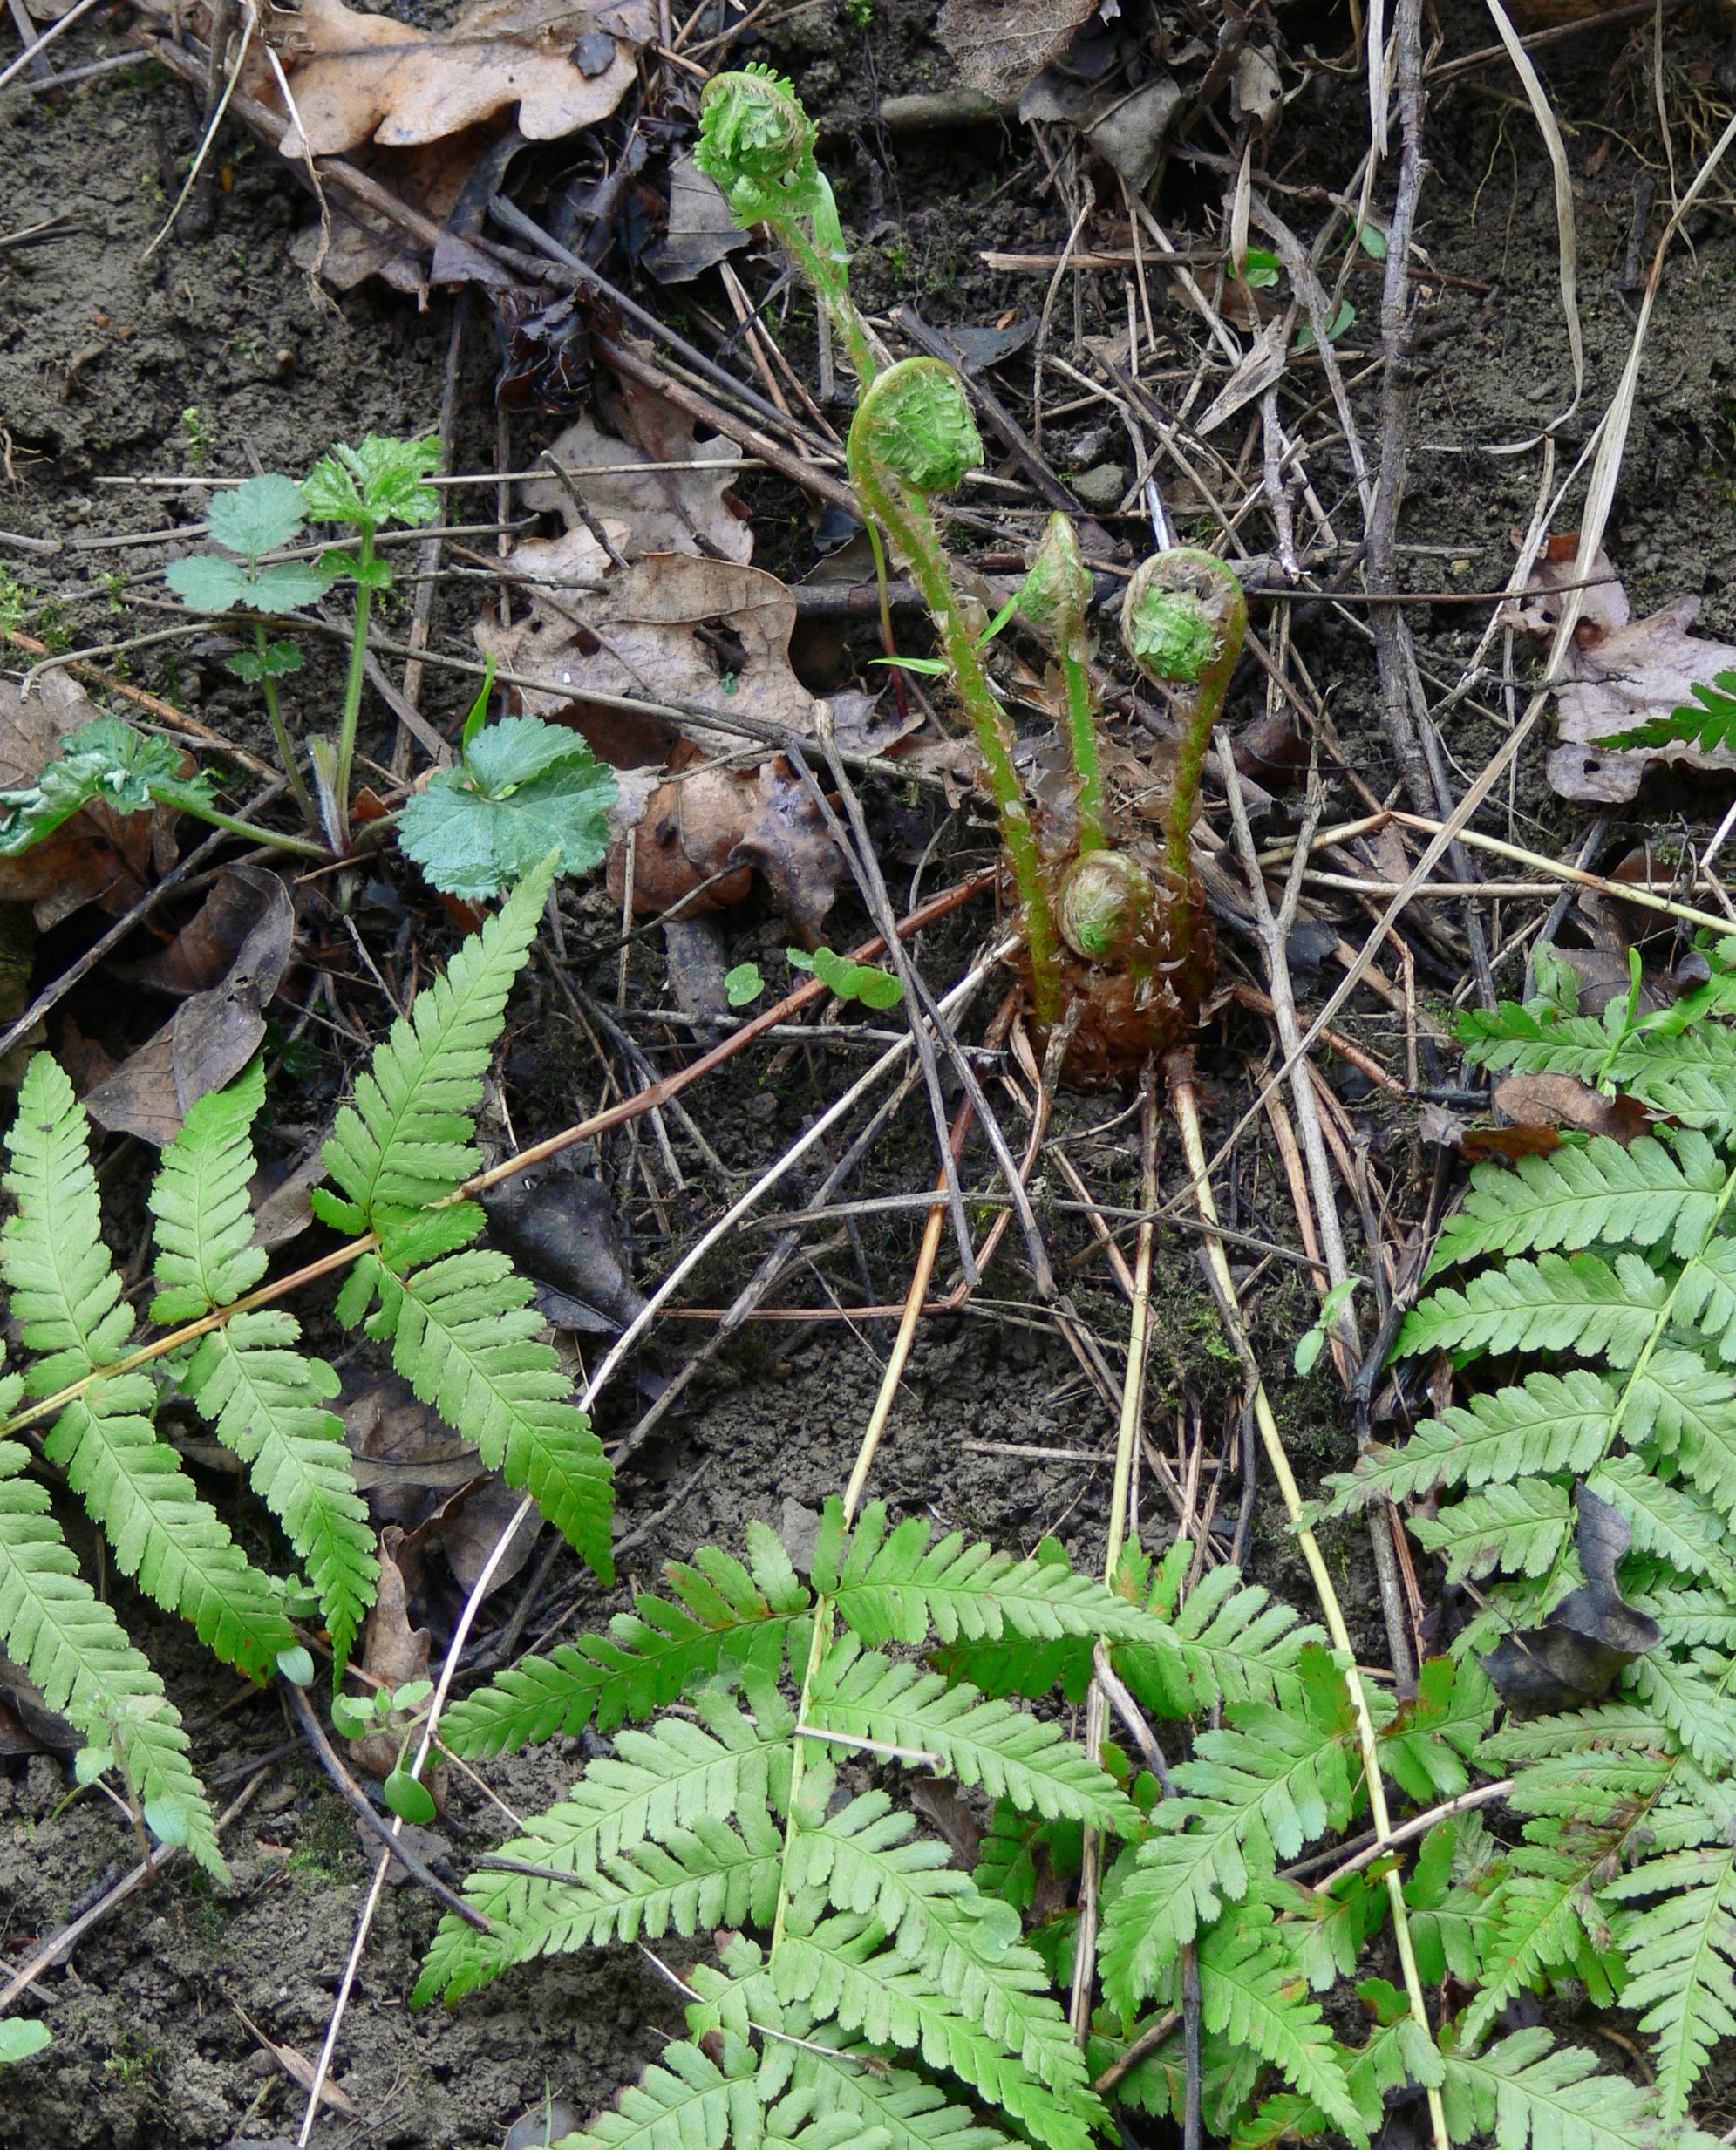 Papraď samčia - detail perovito stočených listov